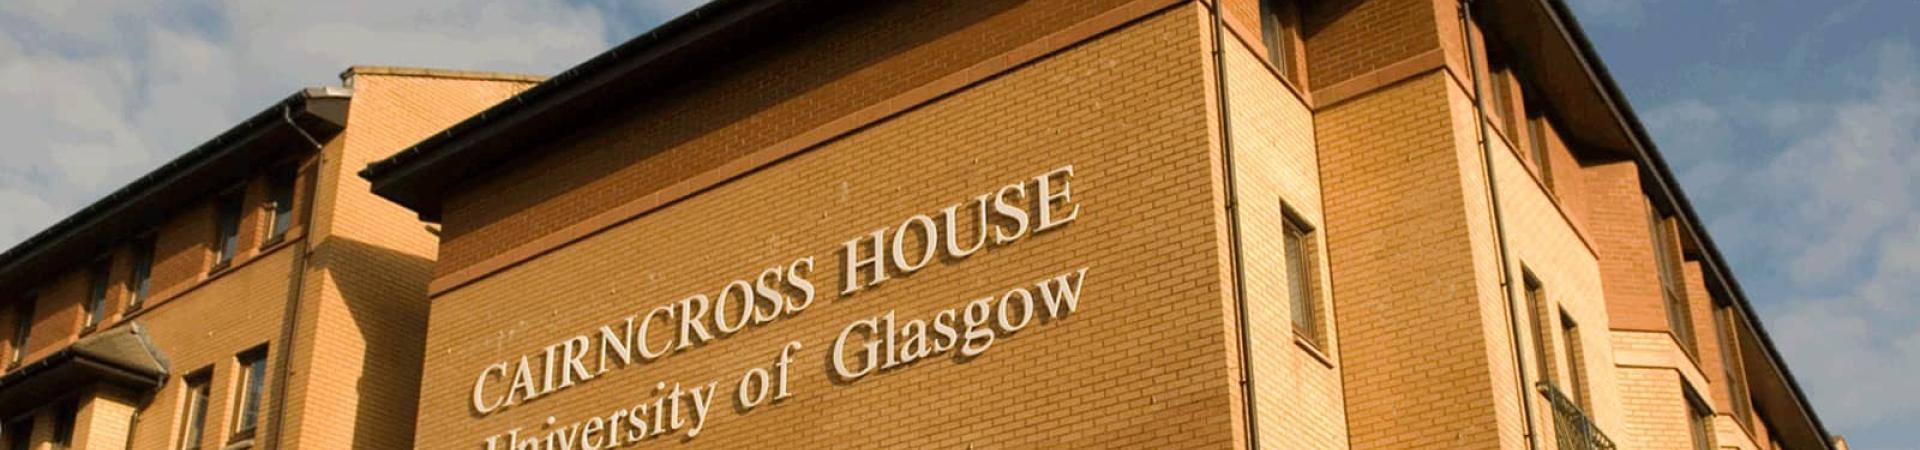 external banner for Cairncross House, Glasgow